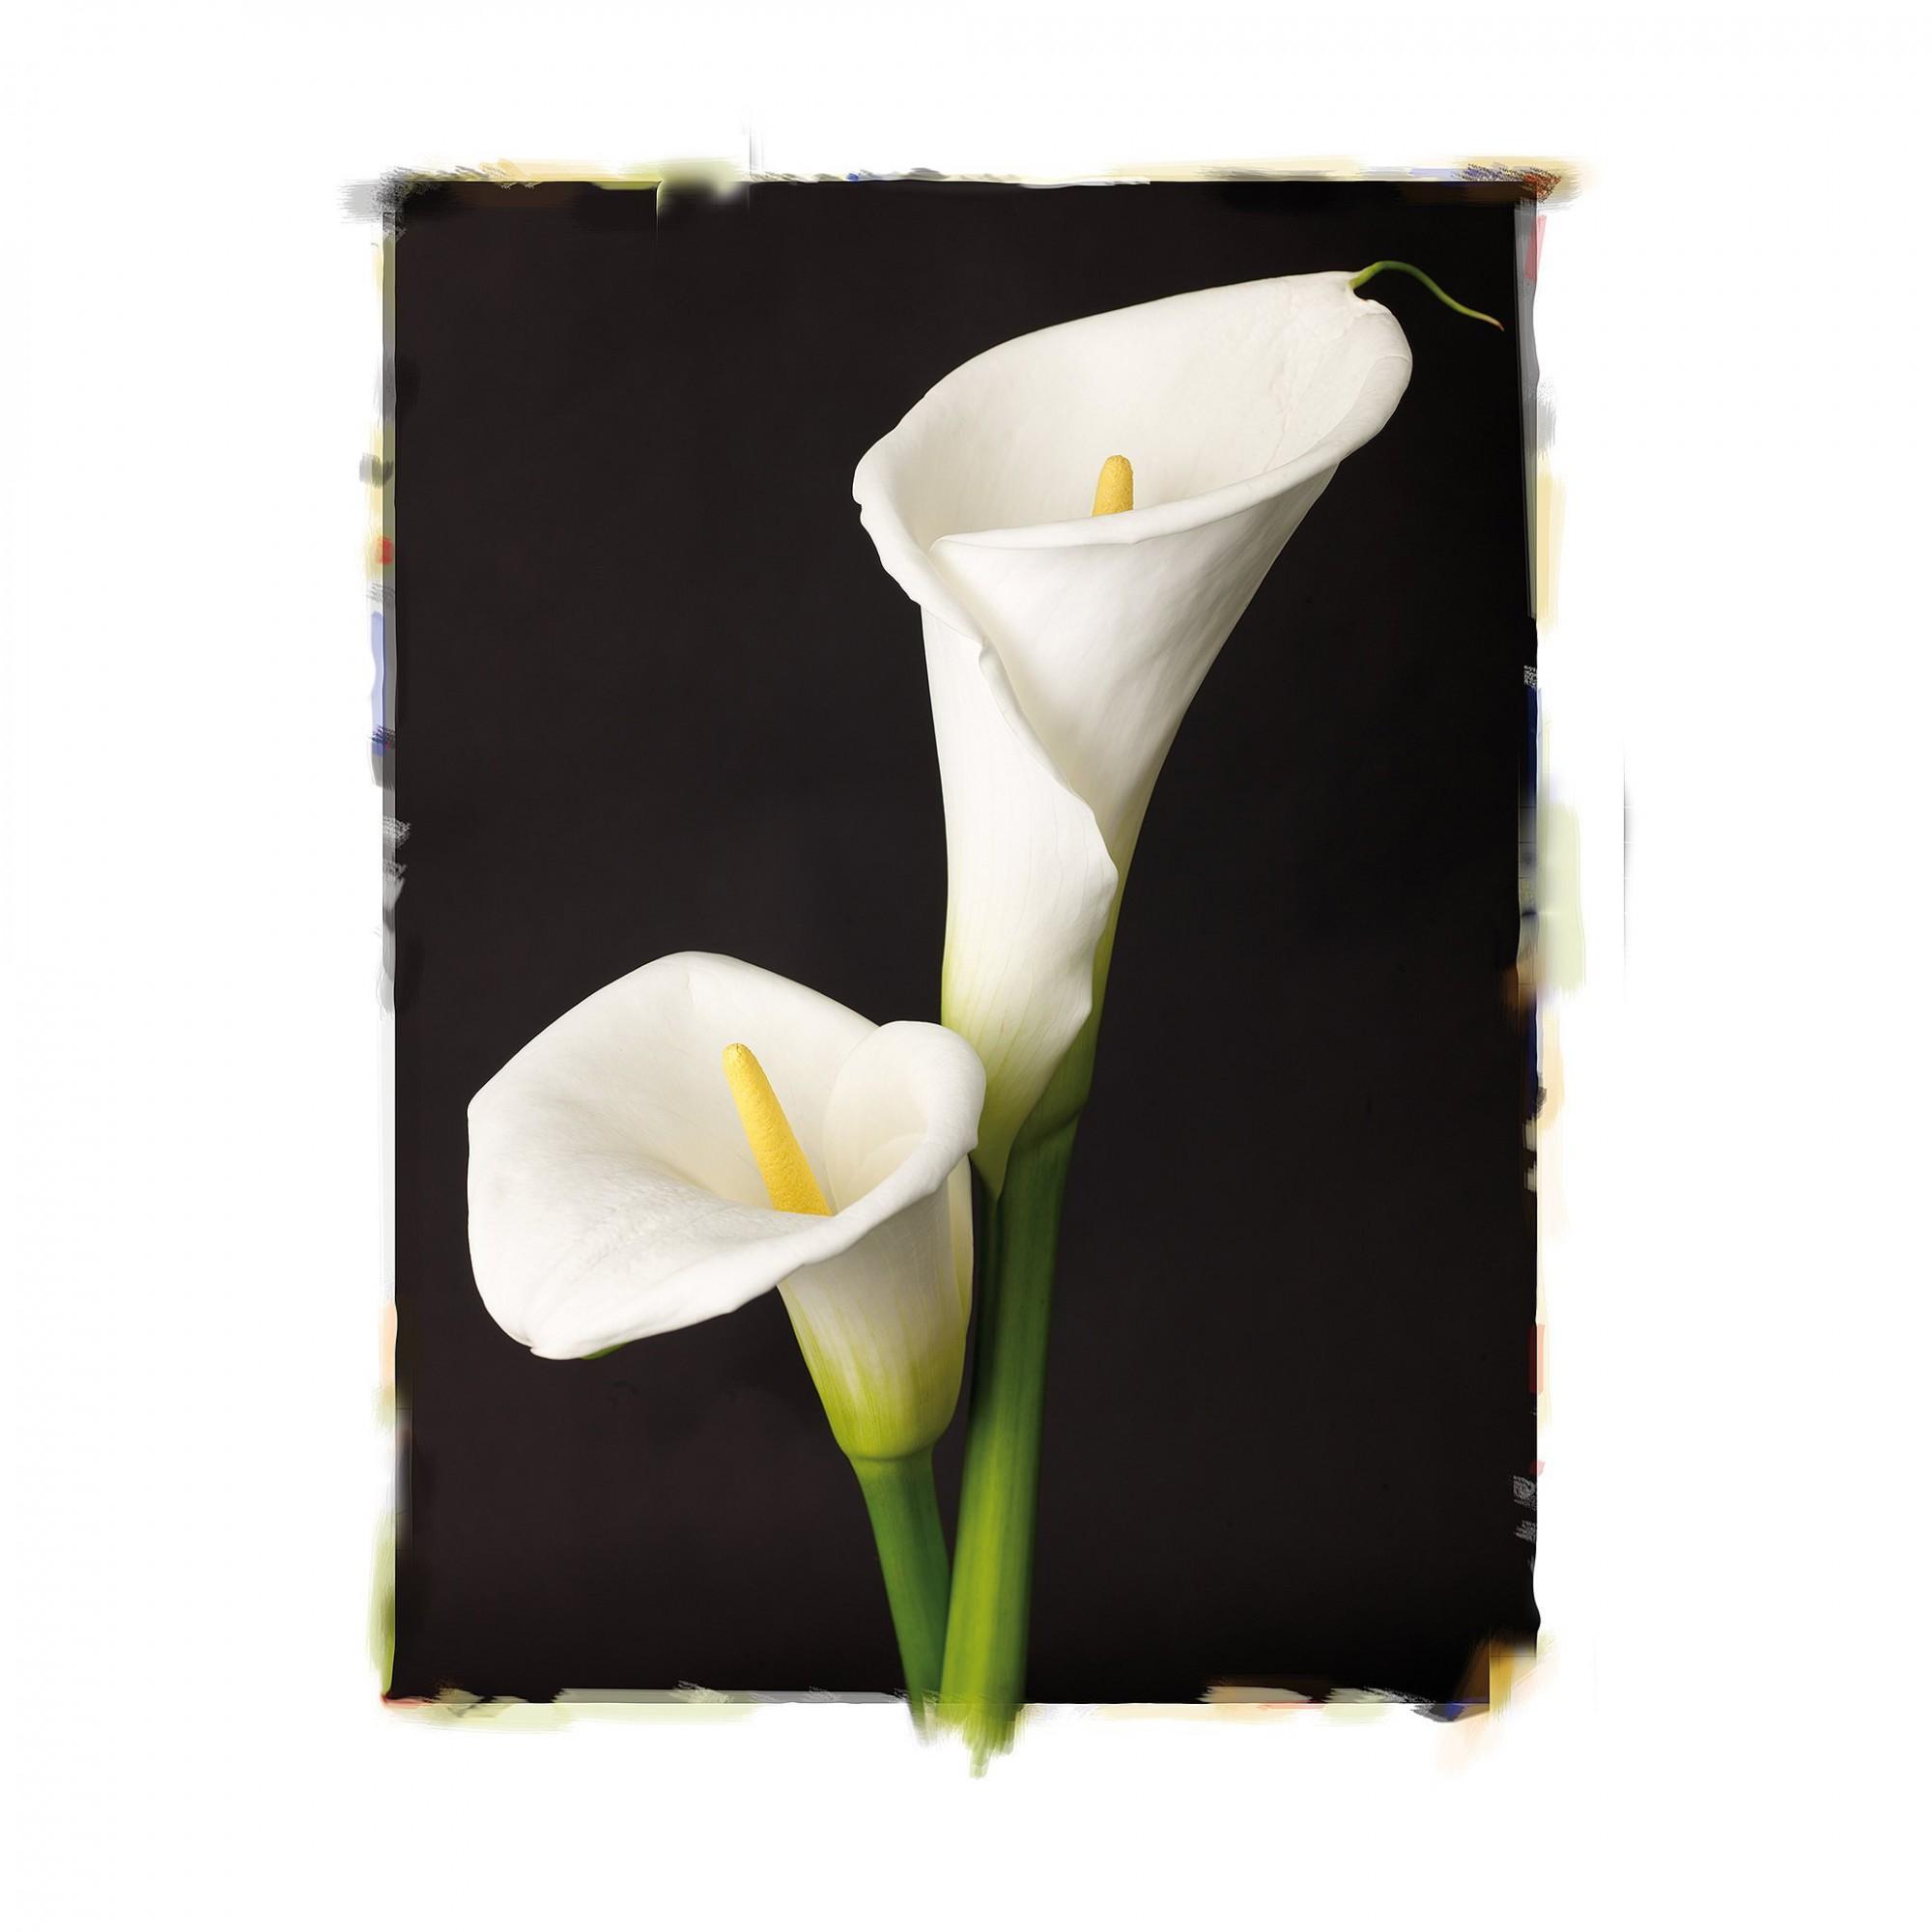 Afbeelding: Uitwerking bloemenreeks, lelies © fotovanhuffel.